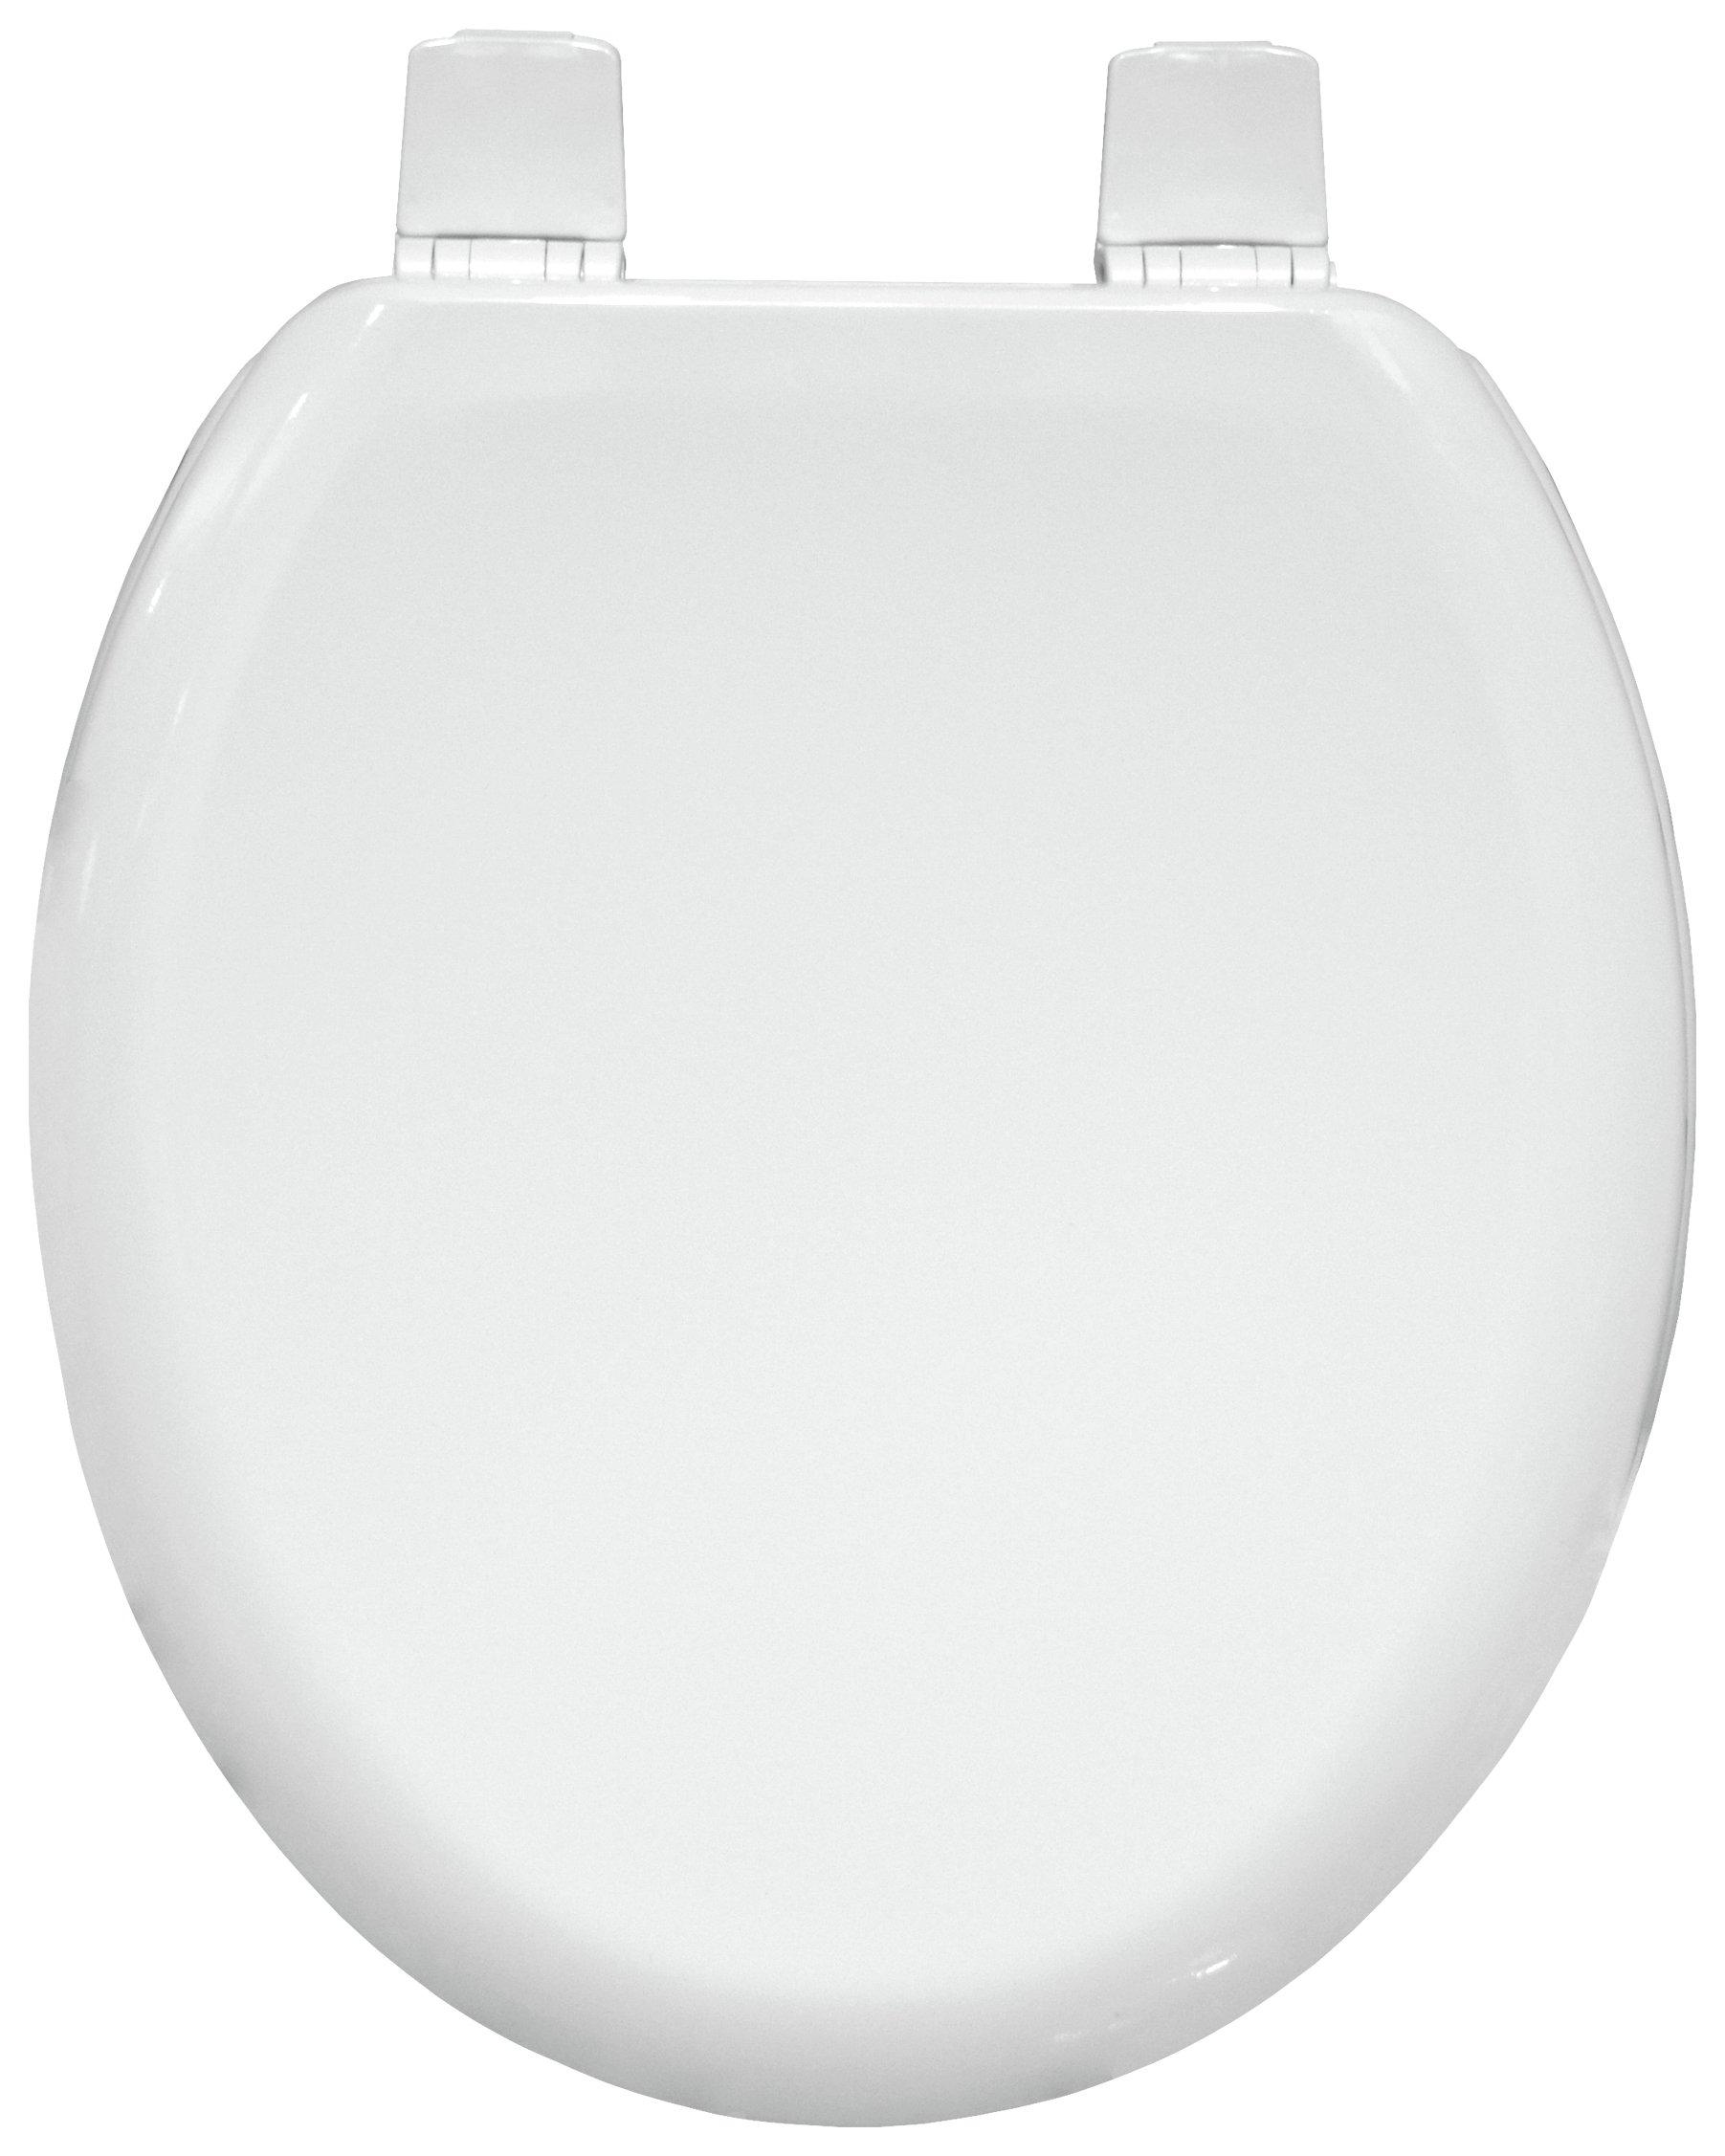 Bemis Tacoma Moulded Wood Statite Toilet Seat - White